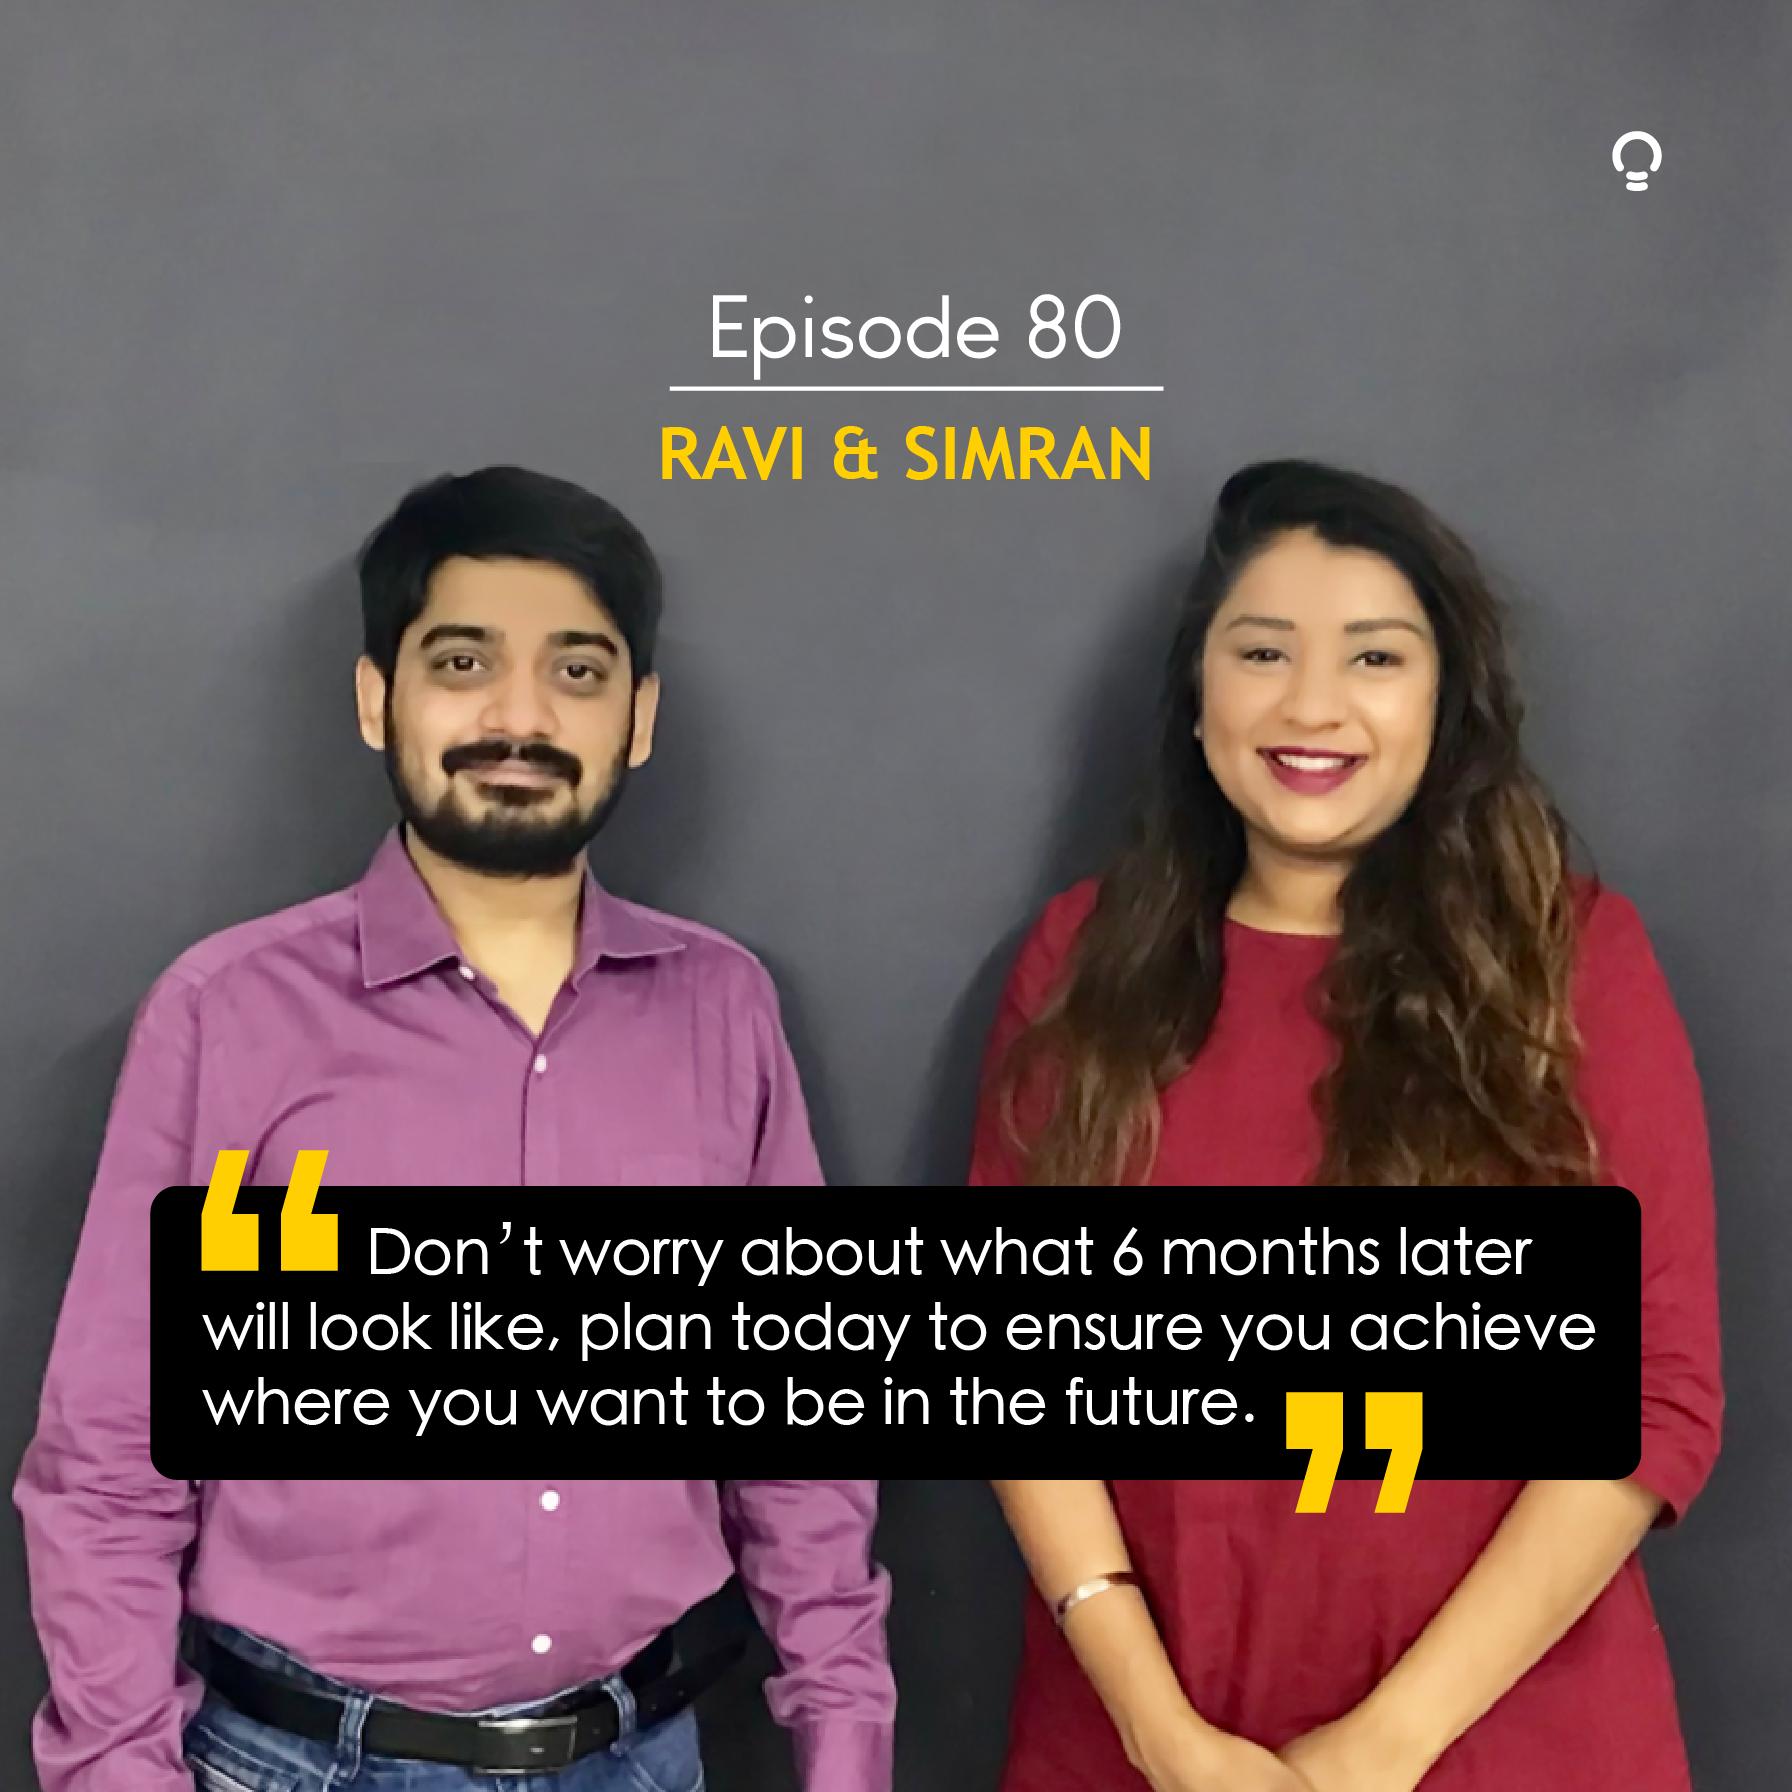 Inspiring startup stories